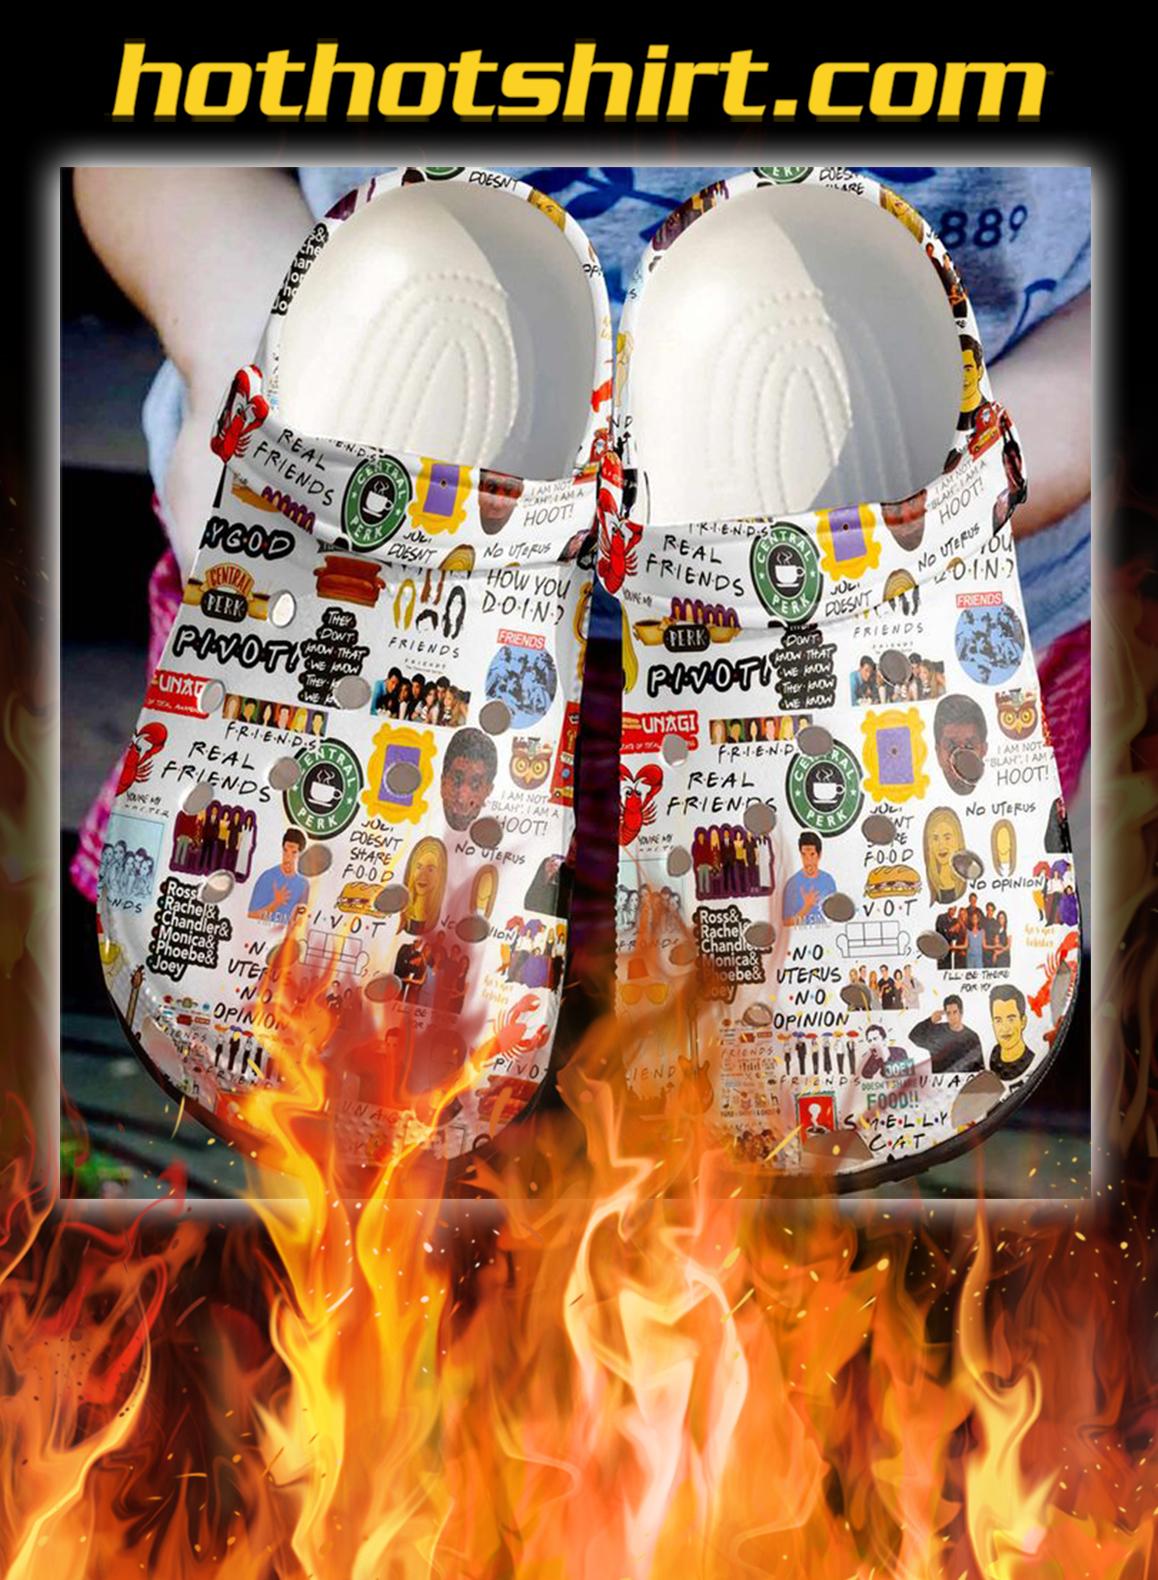 Friends crocband crocs shoes - pic 1